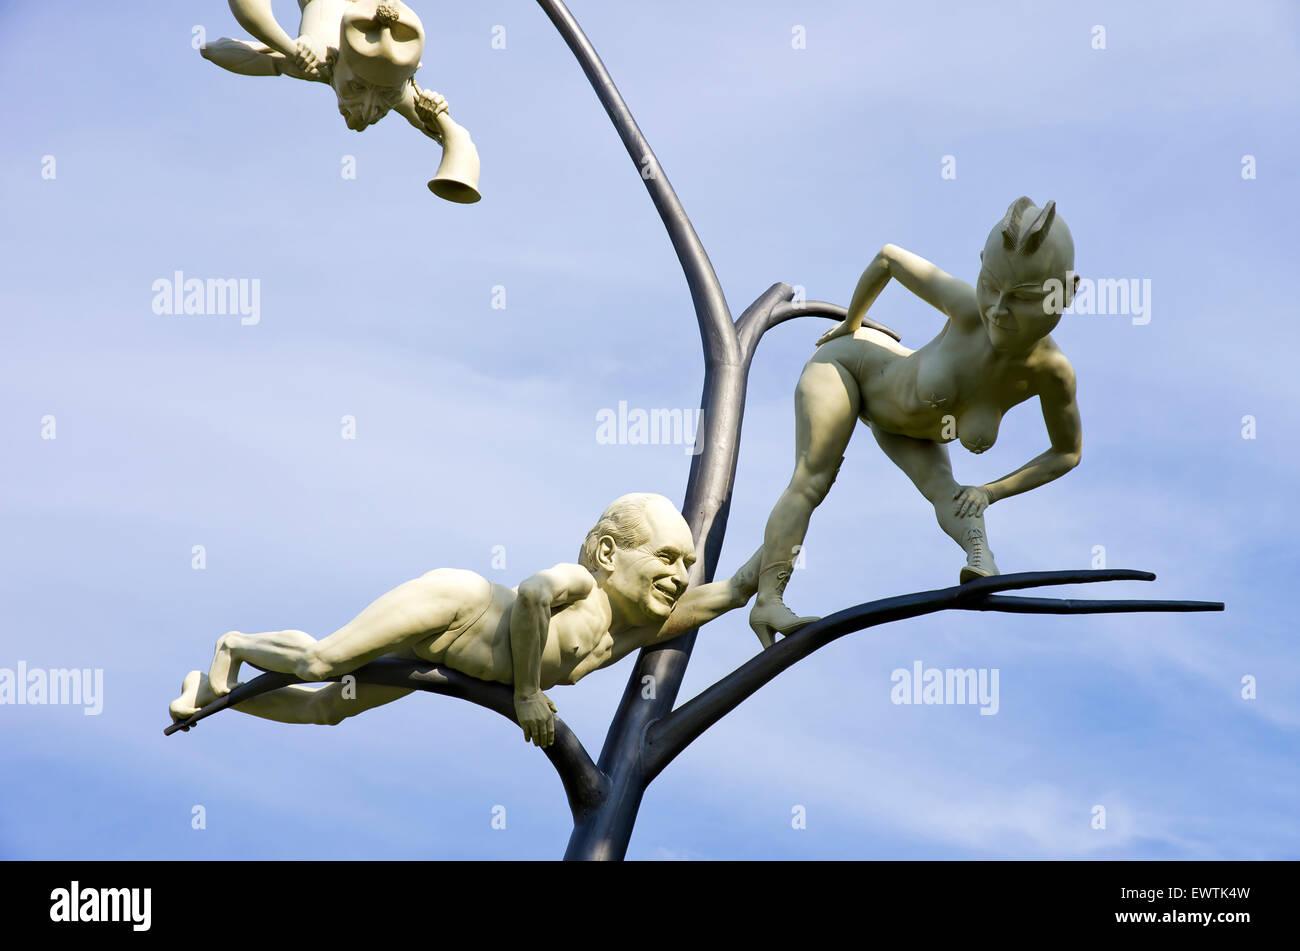 Der Schelmenbaum von Peter Lenk, Emmingen-Liptingen, Deutschland gegründet. Stockfoto